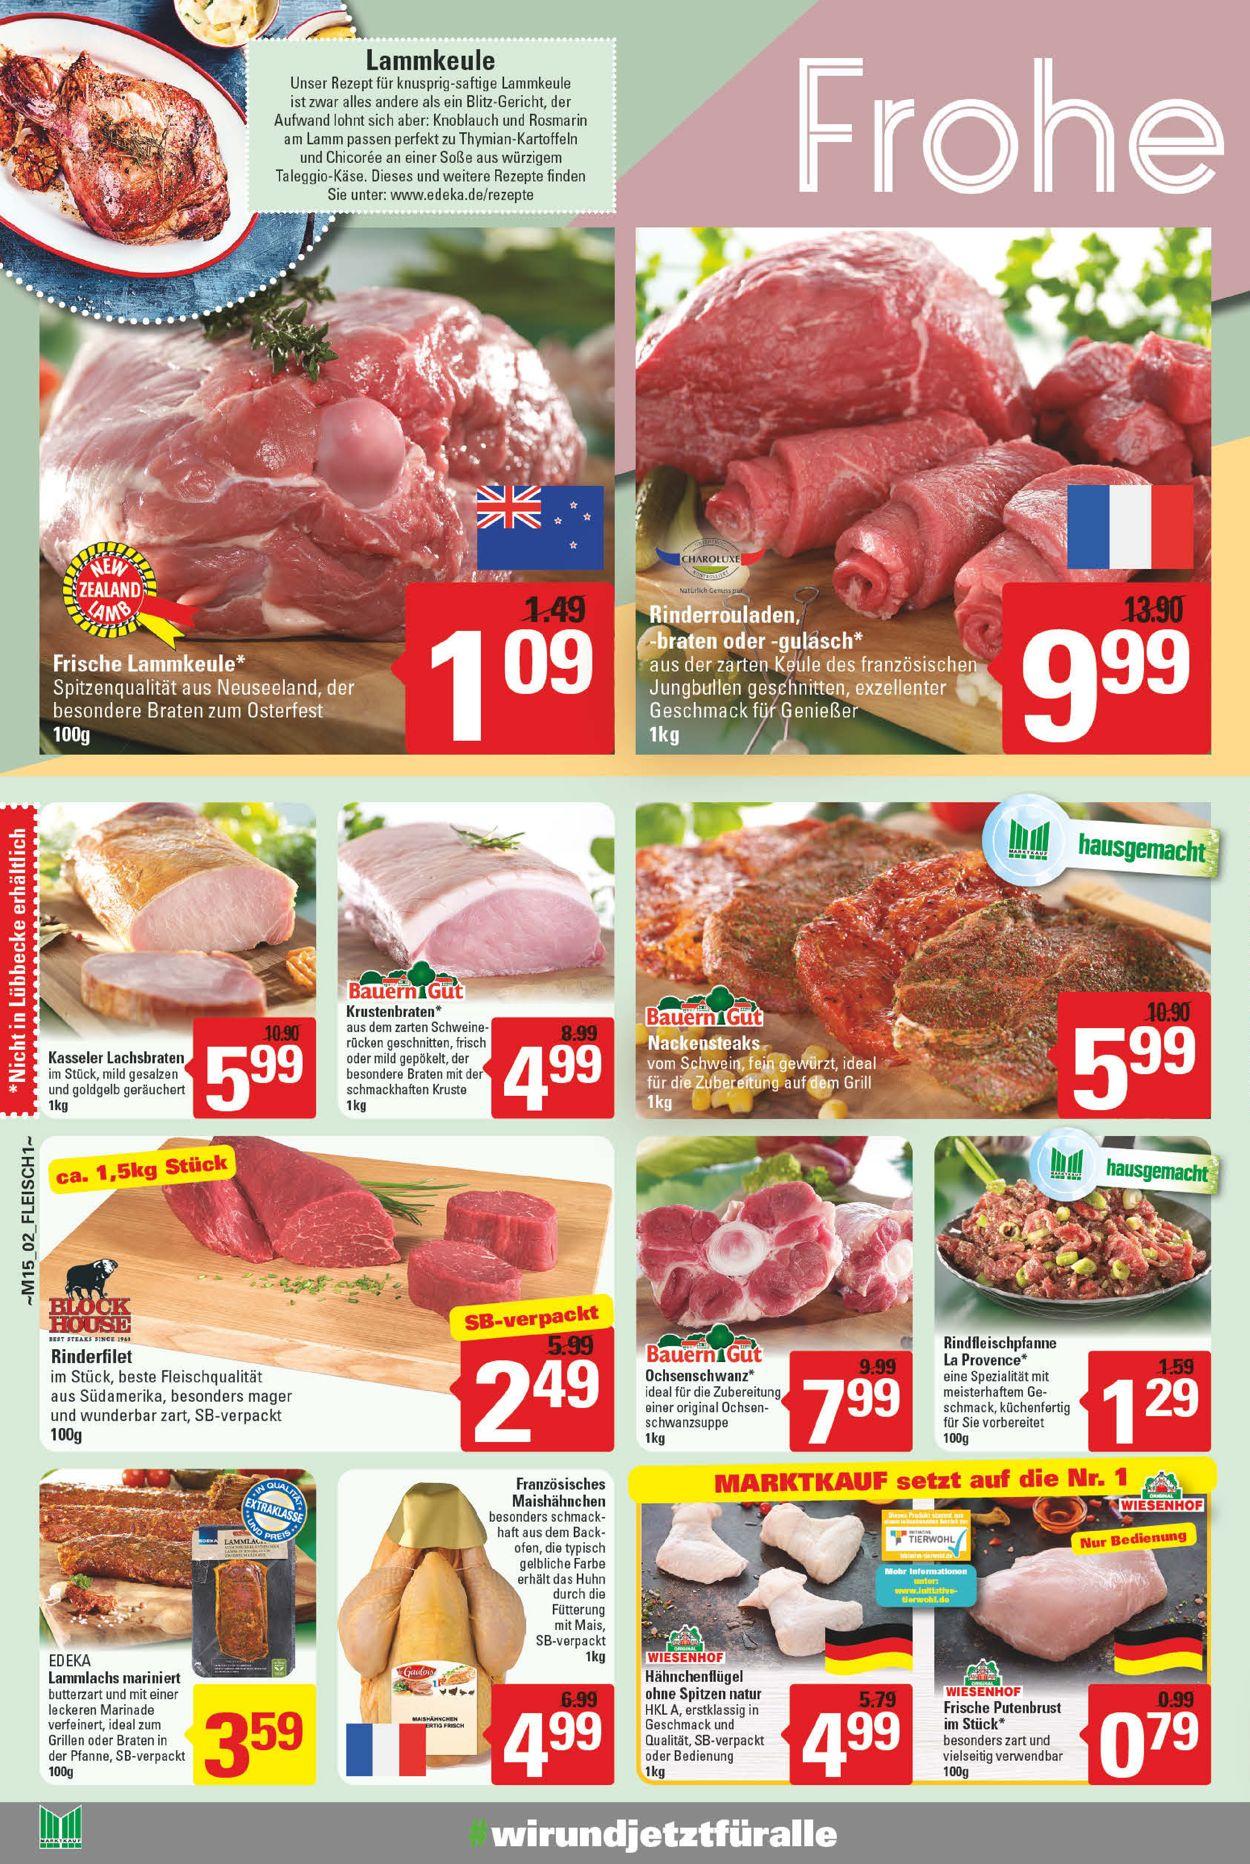 Marktkauf Prospekt - Aktuell vom 06.04-11.04.2020 (Seite 2)